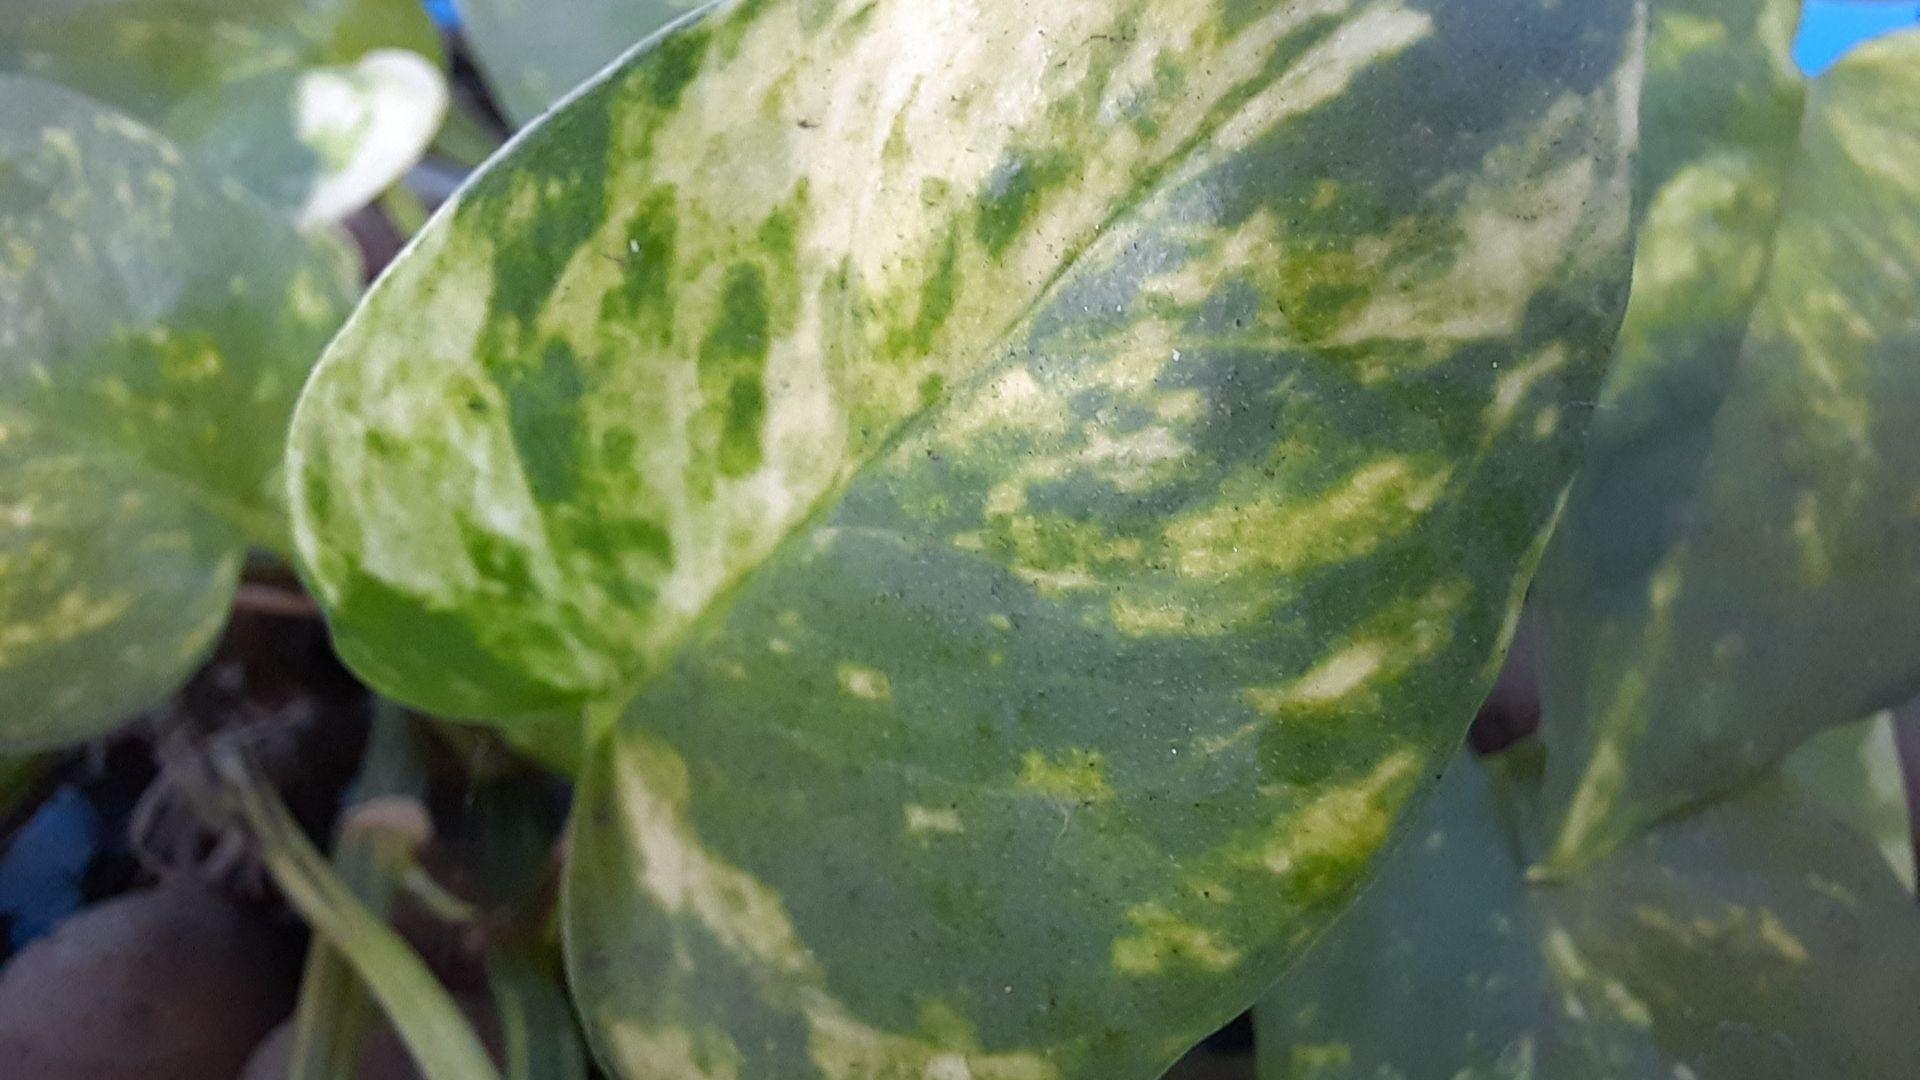 Detalhe da folha de uma planta em formato de coração e tons de verde claro e escuro